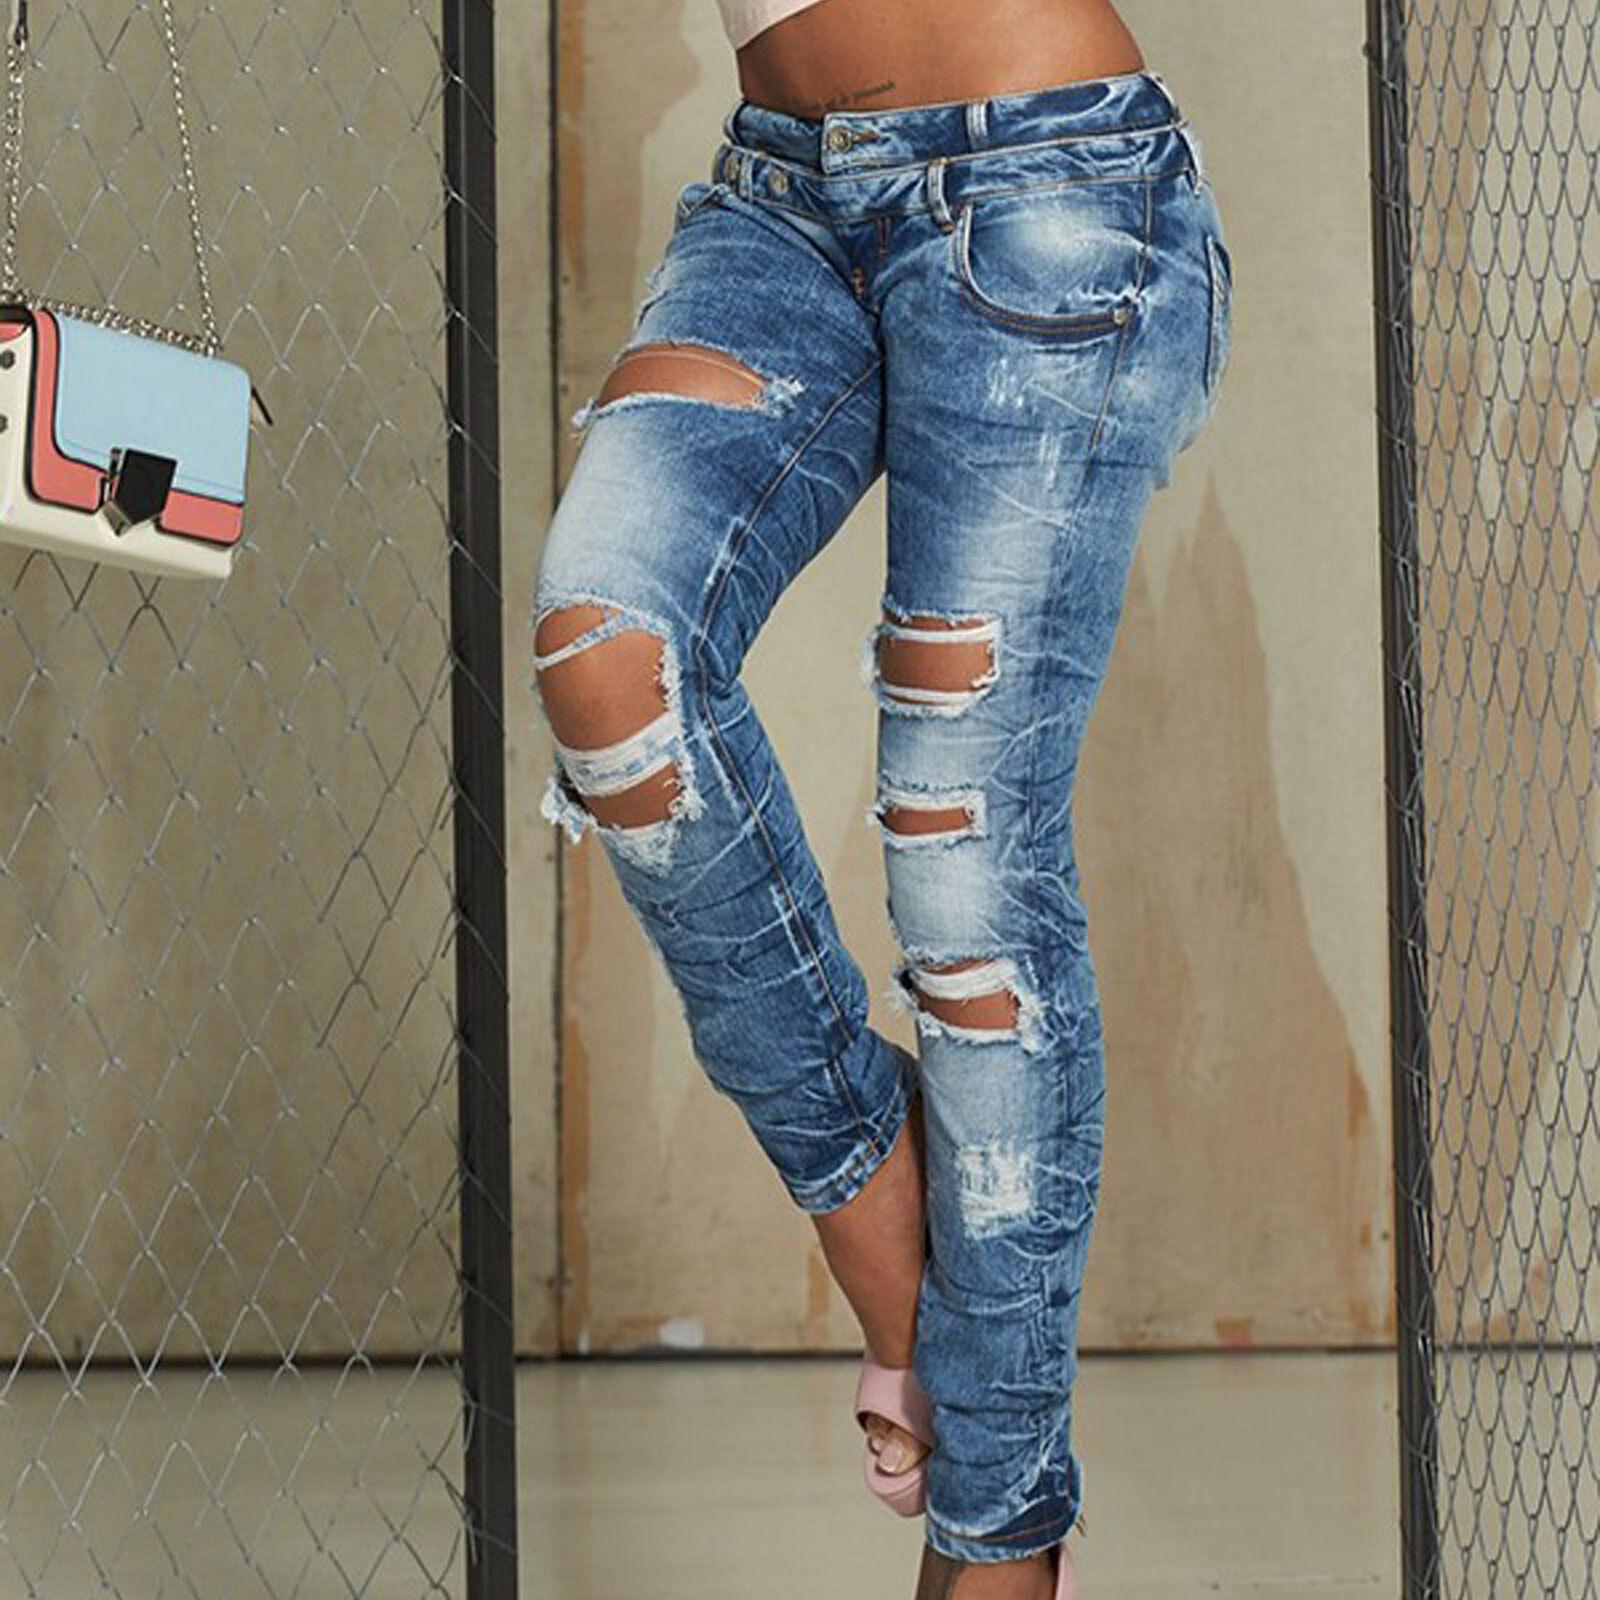 BY ALINA Damenhose Stretchjeans Röhrenjeans Desroyed Jeans Hose Löcher 36 S